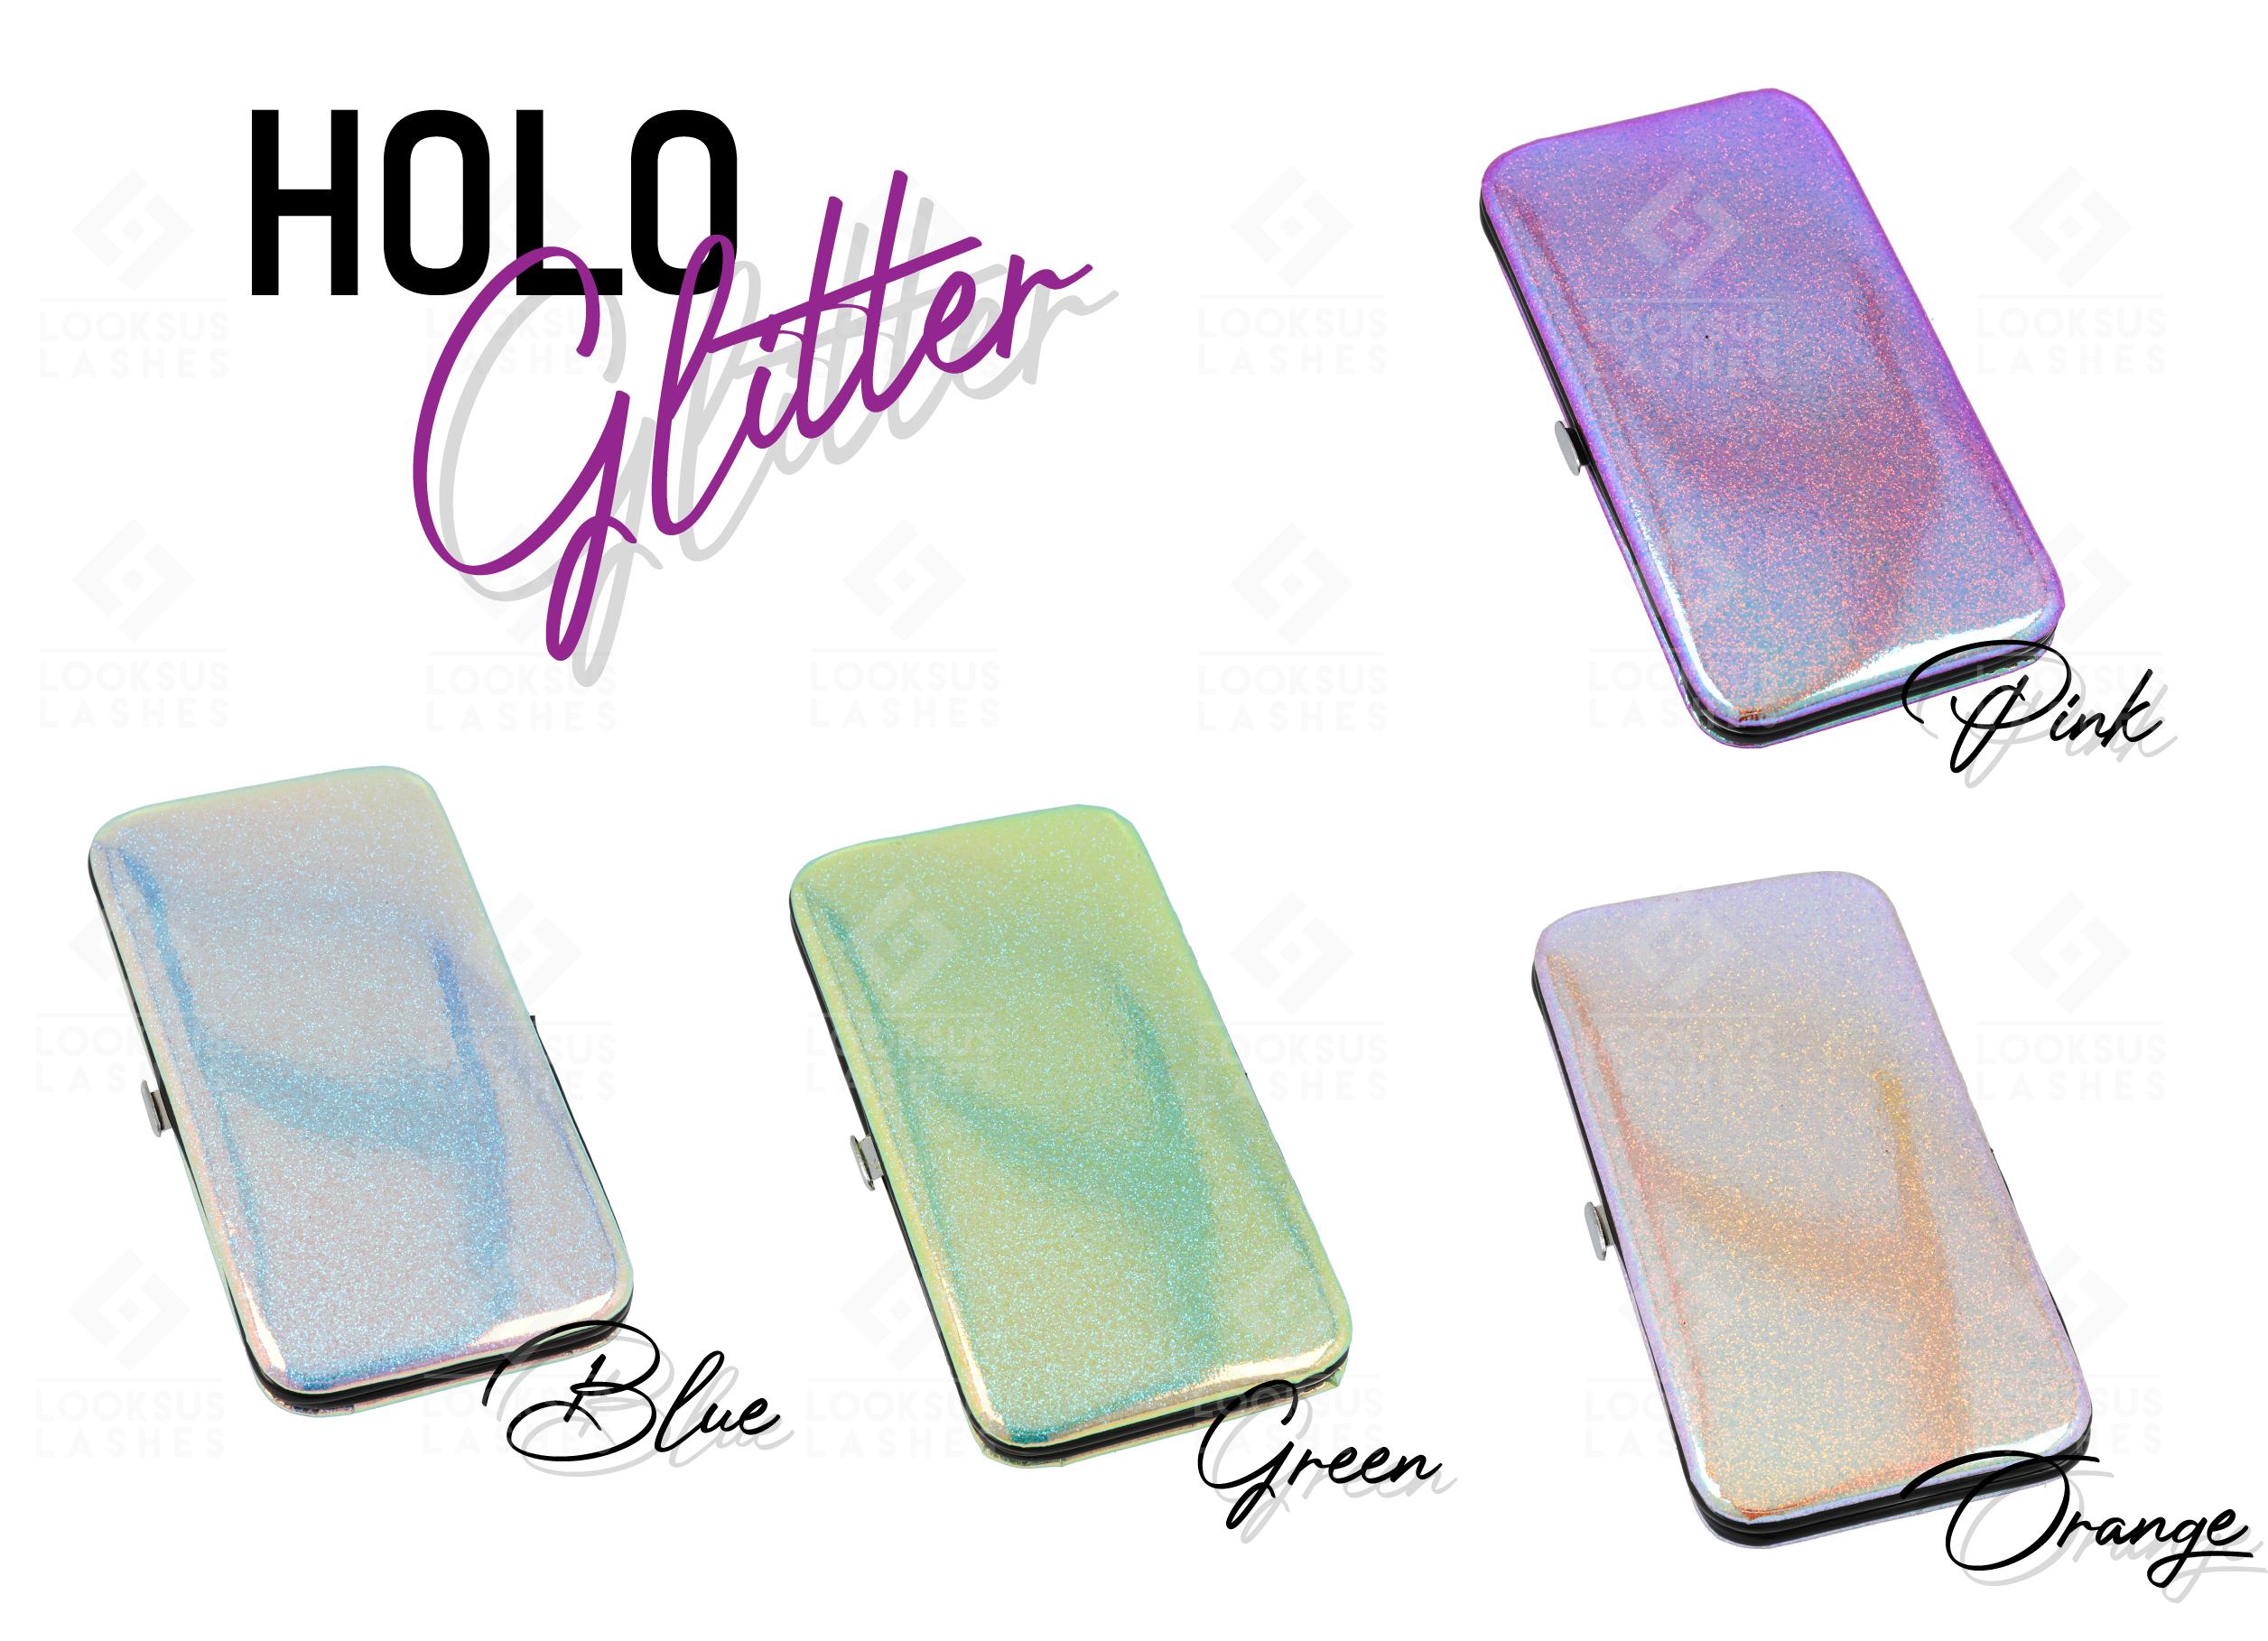 etui_holo_glitter